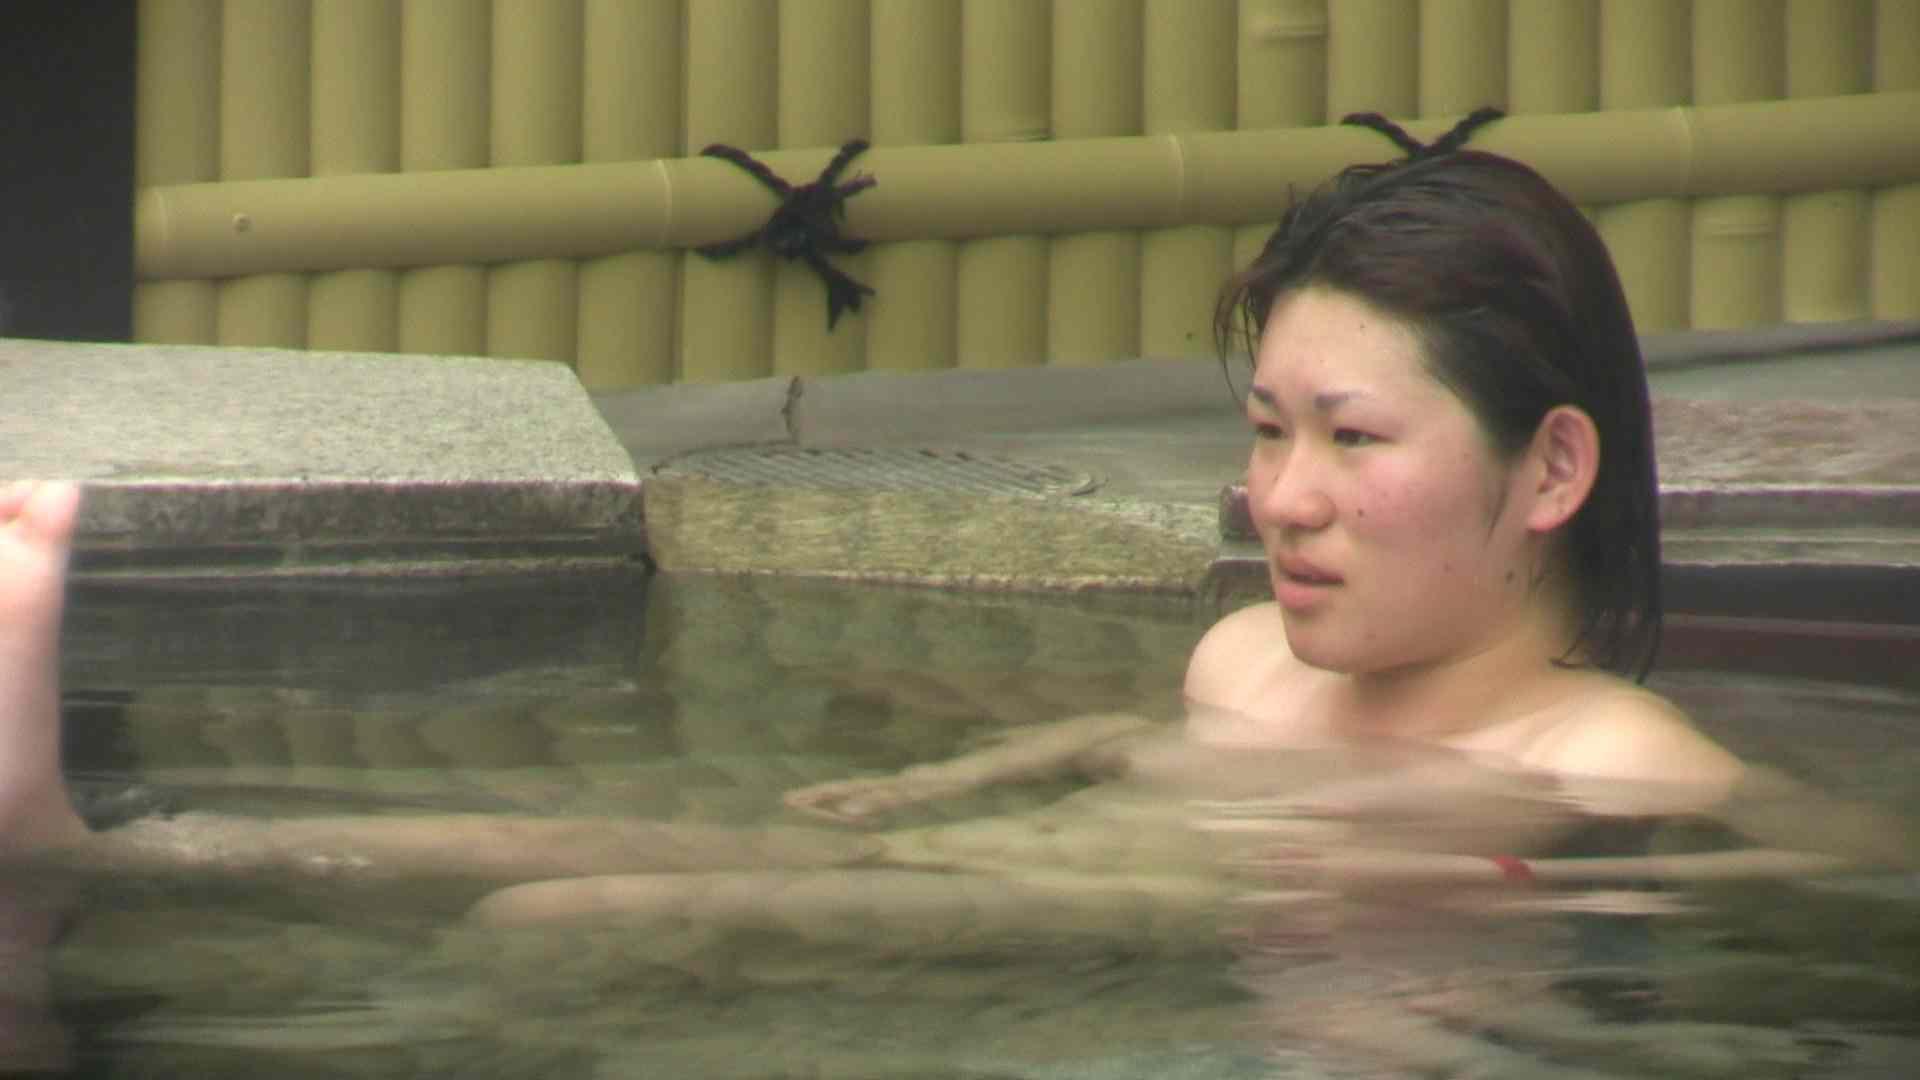 Aquaな露天風呂Vol.673 露天 盗み撮り動画キャプチャ 104PICs 71